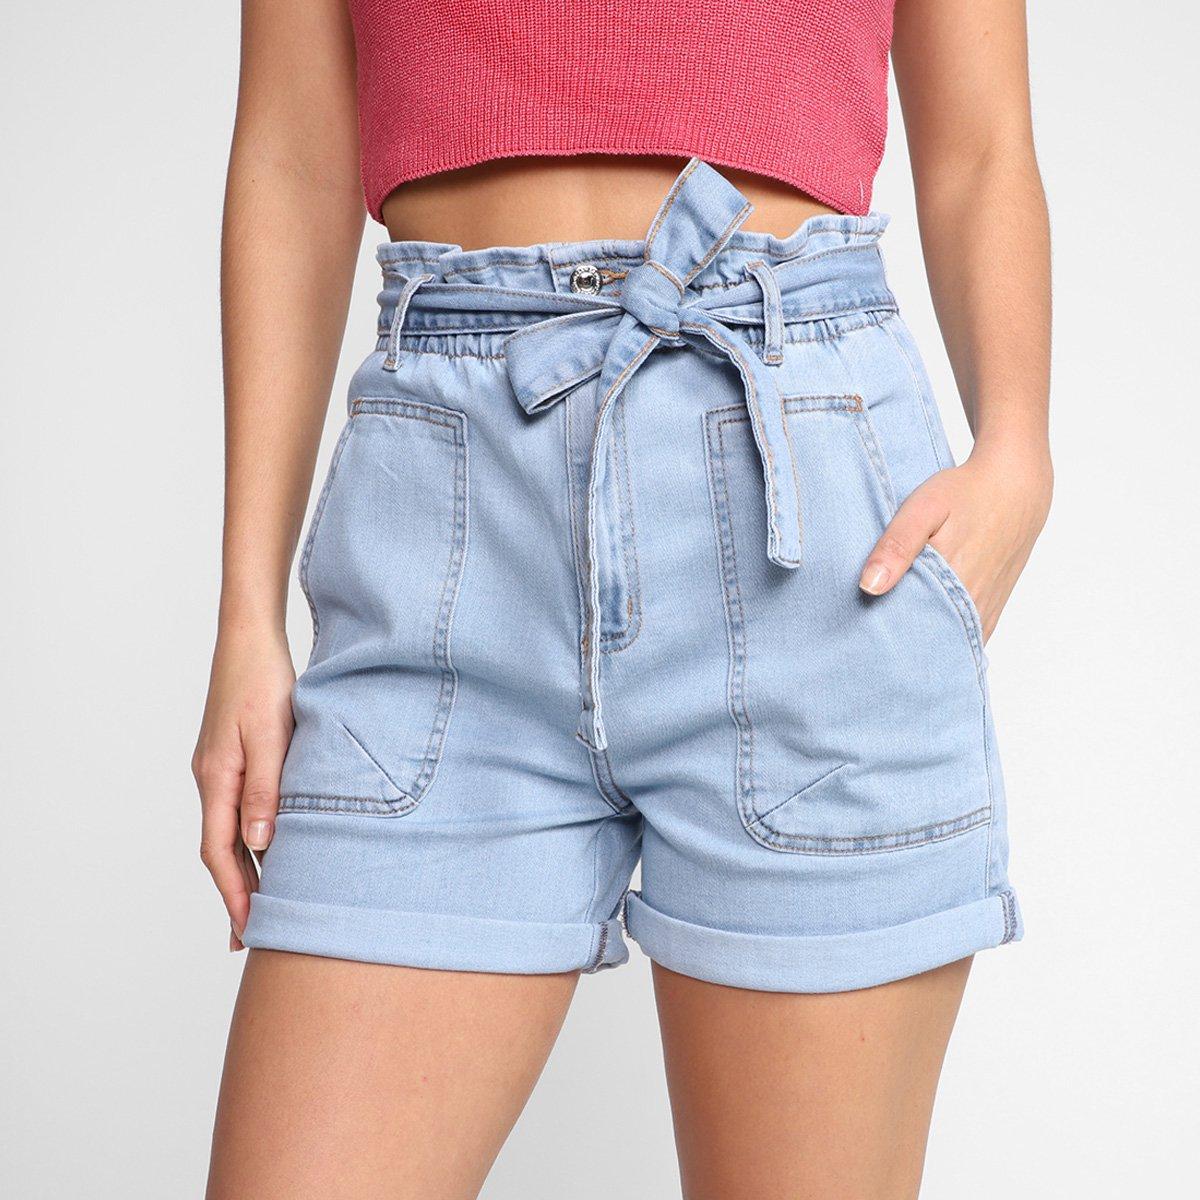 Short Jeans Dzarm Amarração Cintura Alta Feminino